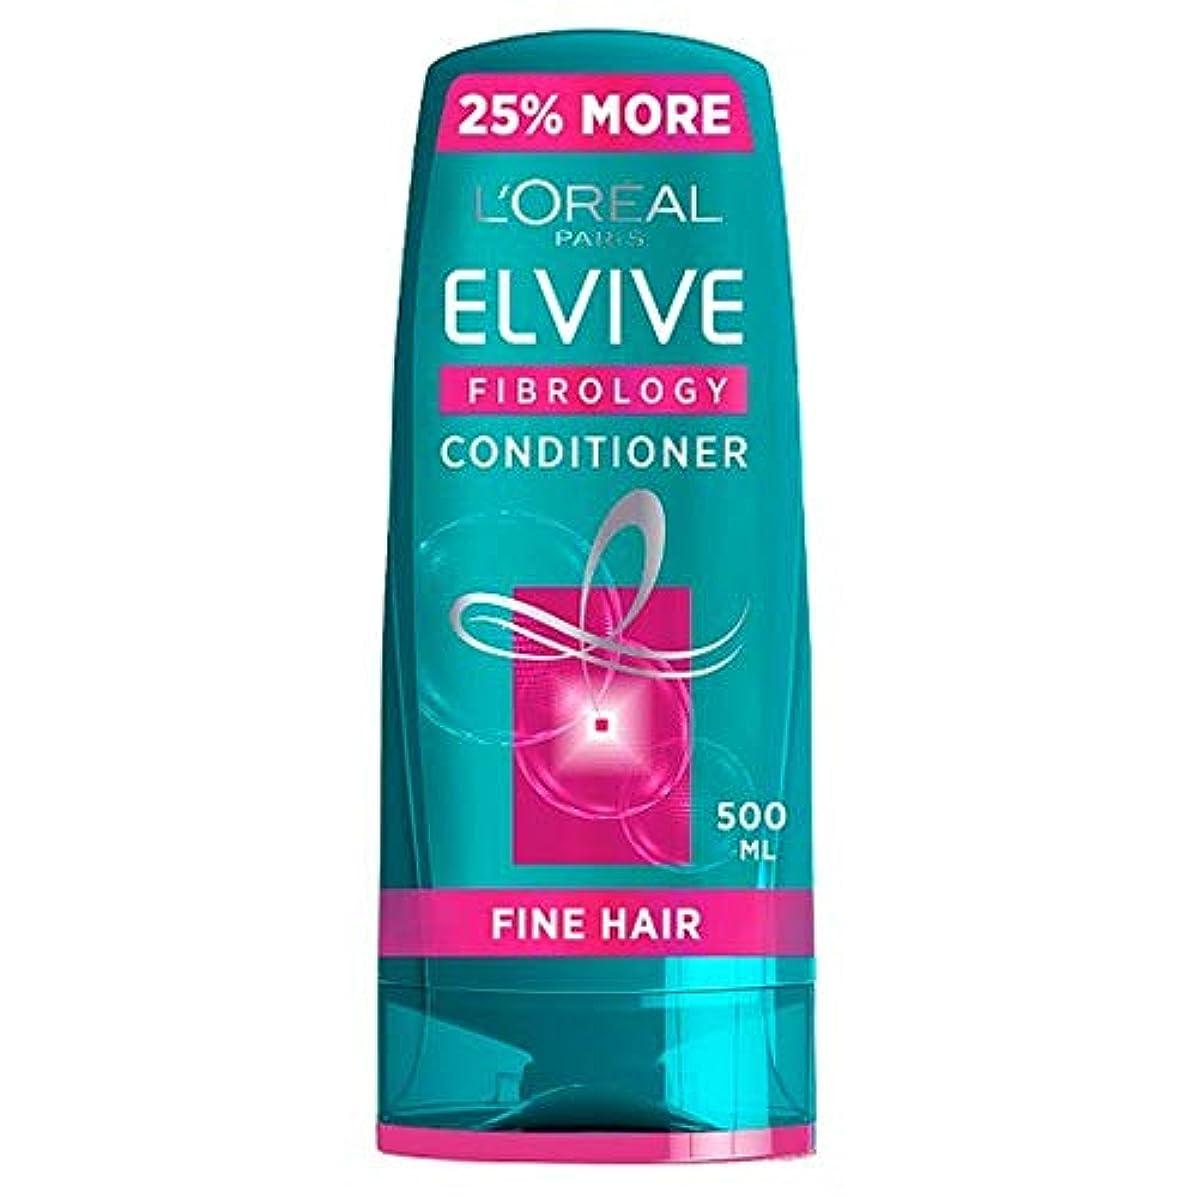 賢明なスキーム結核[Elvive] ロレアルElvive Fibroligy細いヘアコンディショナー500ミリリットル - L'oreal Elvive Fibroligy Fine Hair Conditioner 500Ml [並行輸入品]